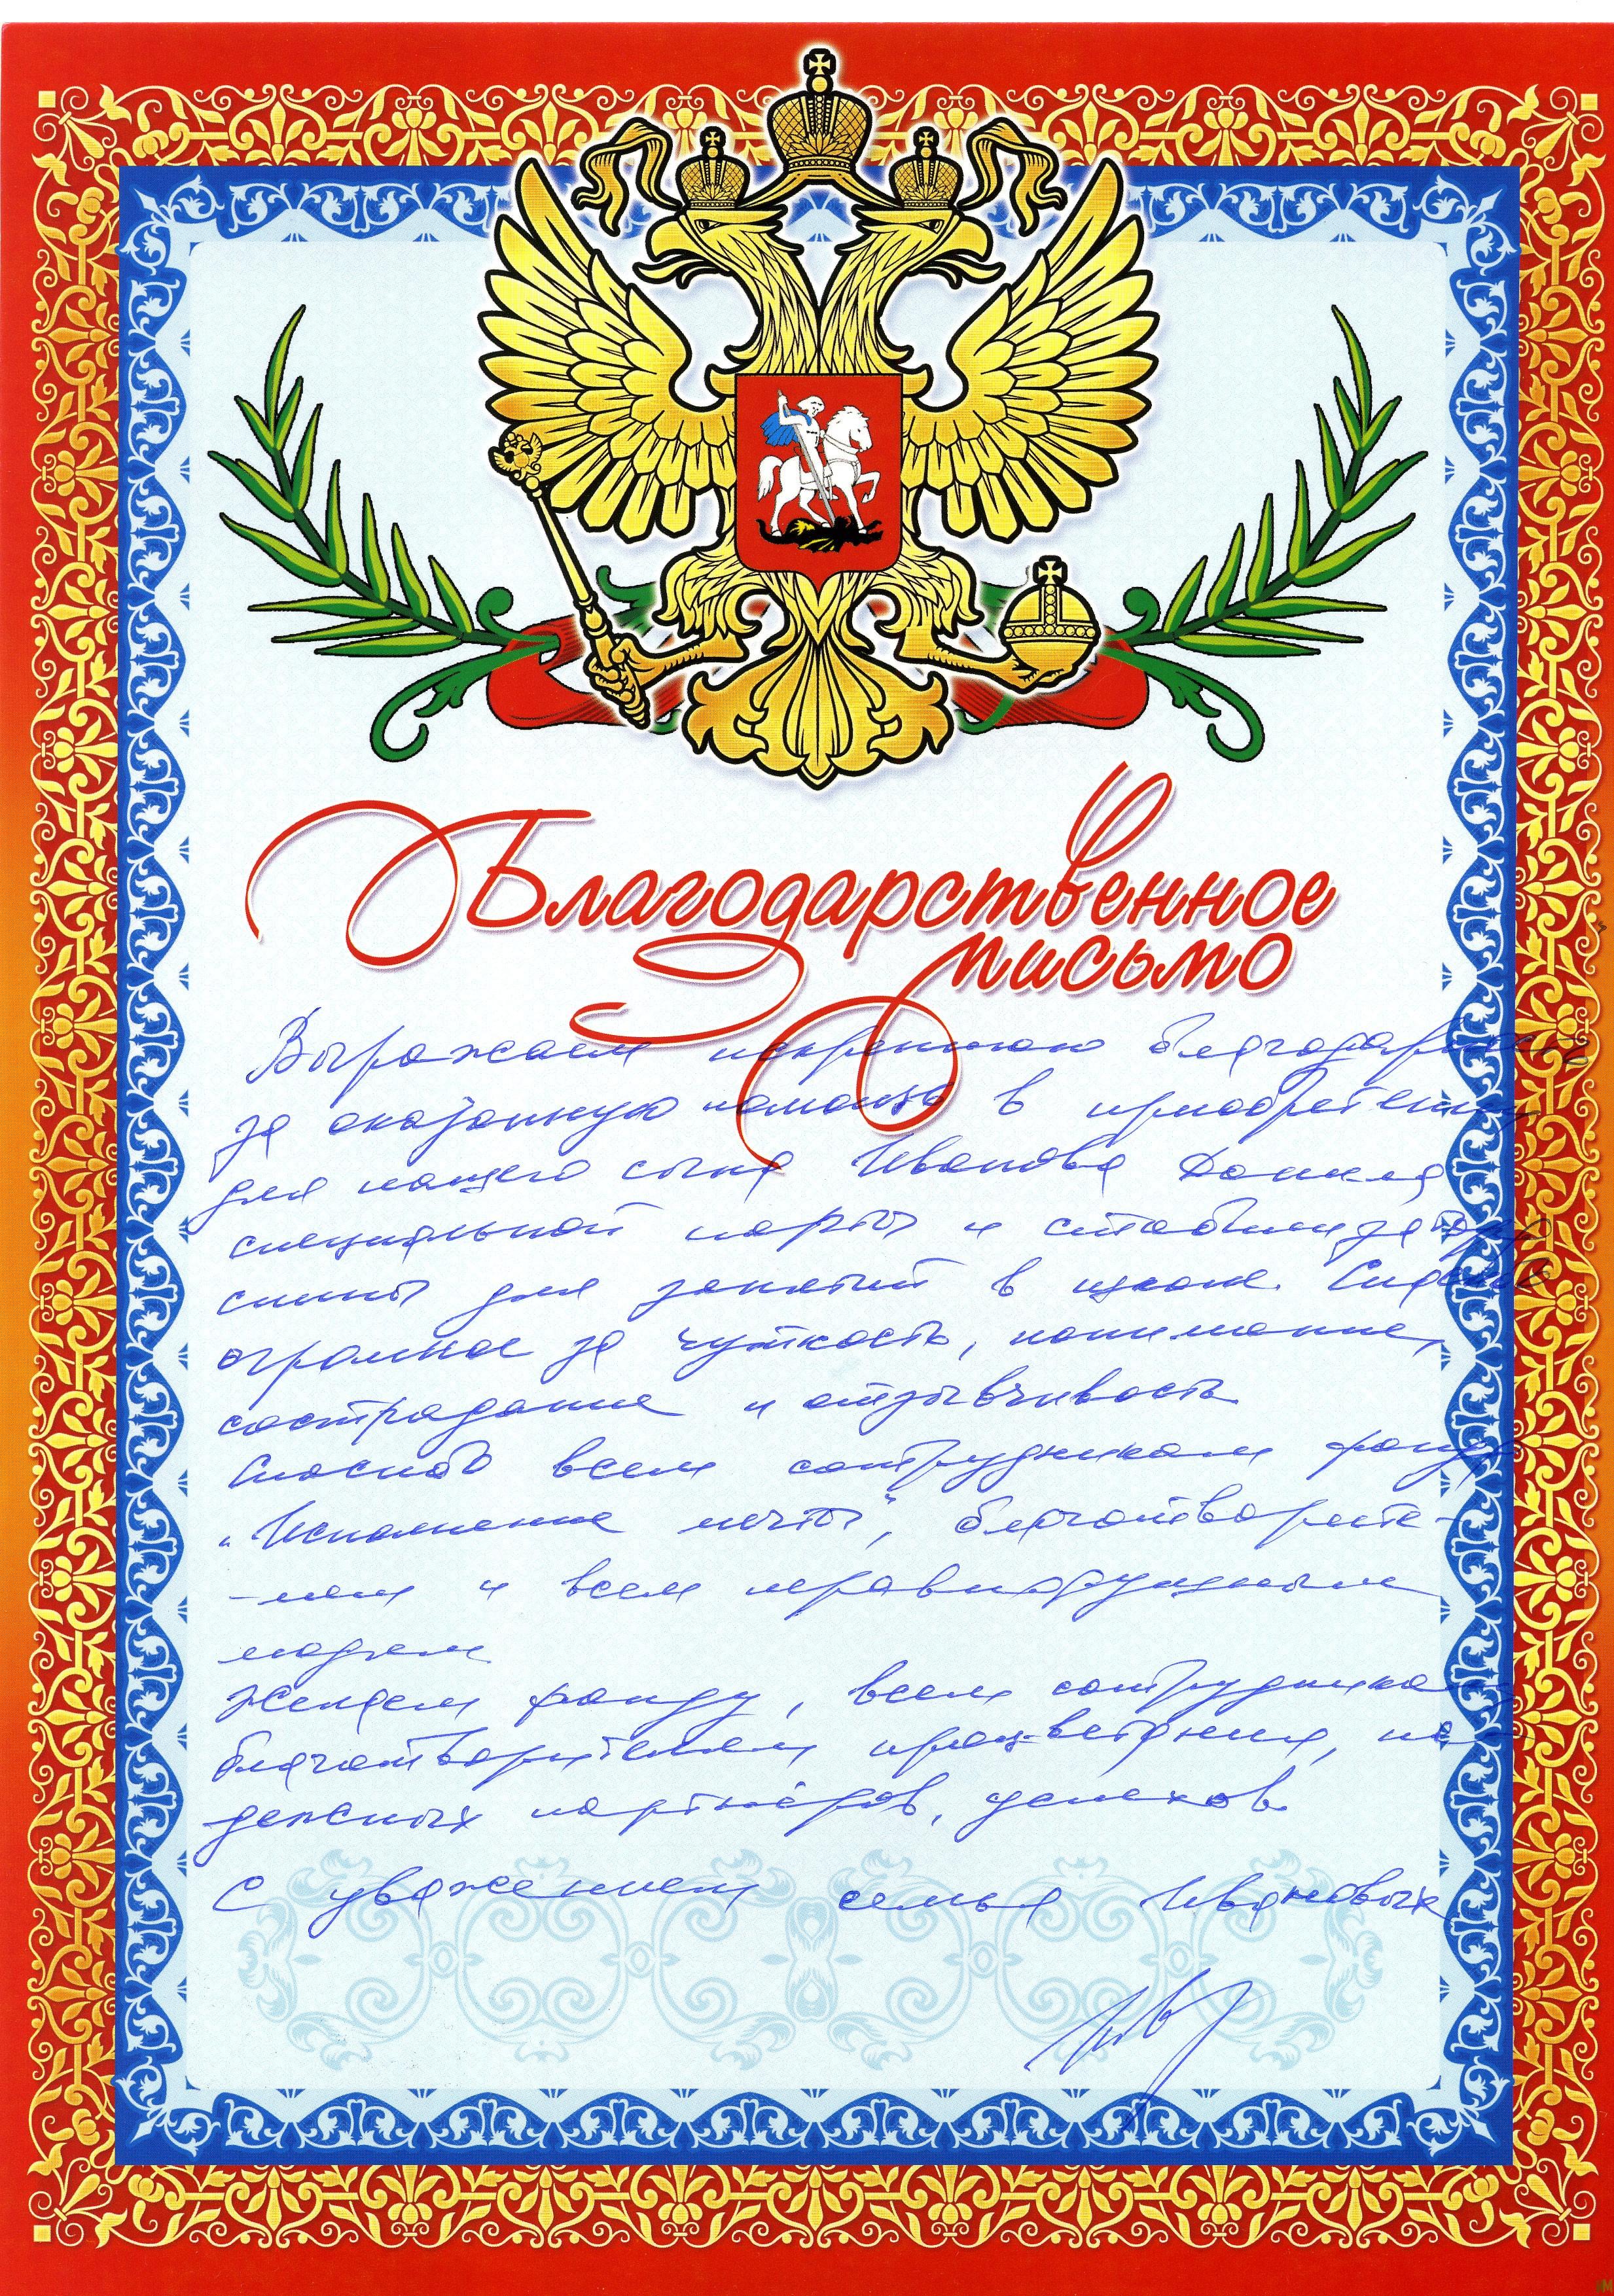 Благодарственное письмо от семьи Иванова Данила